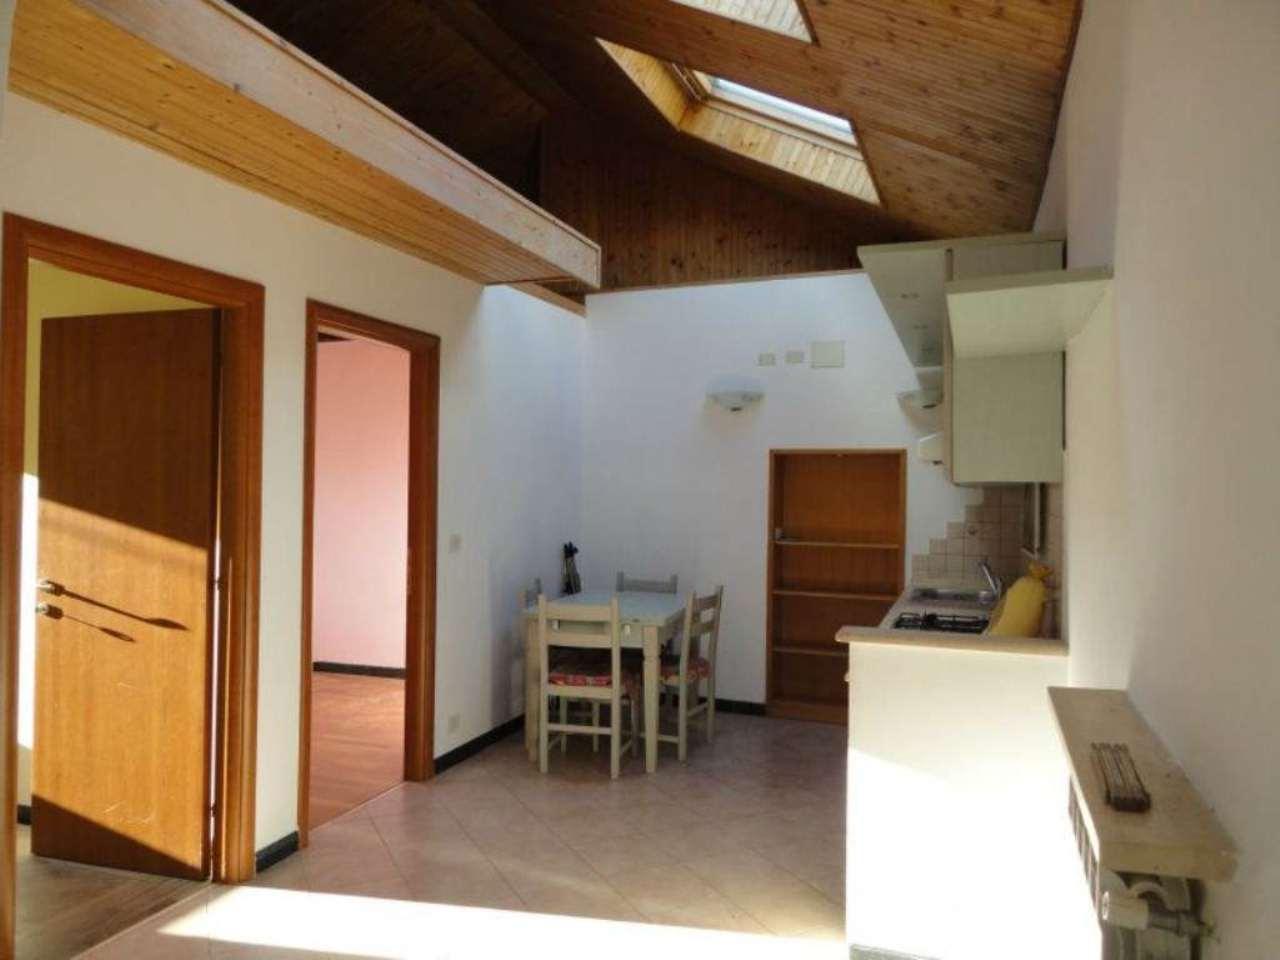 Appartamento in vendita a Bargagli, 8 locali, prezzo € 60.000 | Cambio Casa.it